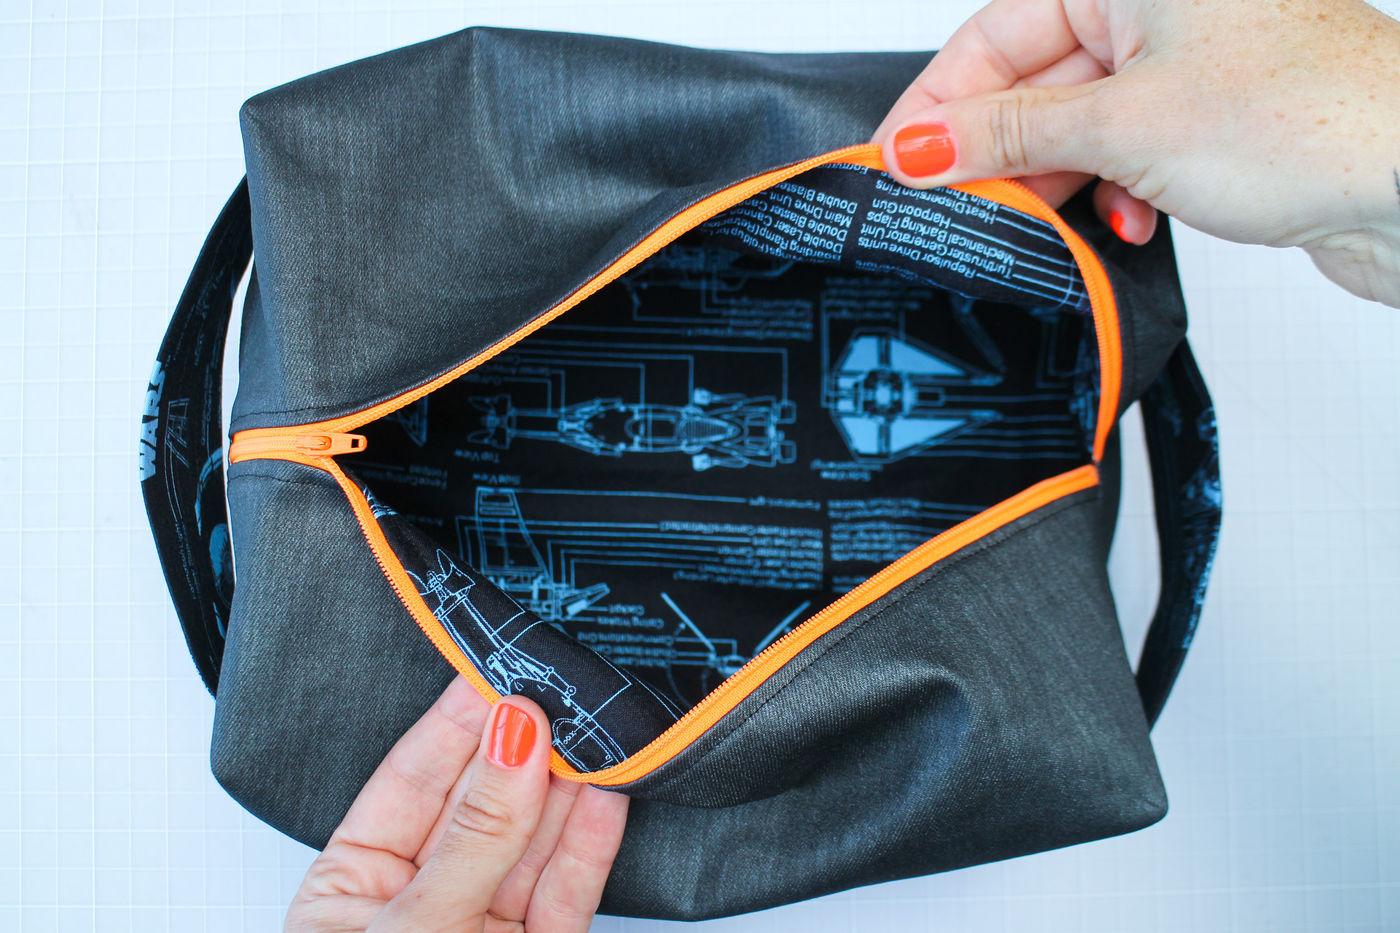 Create a Lined Zipper Case